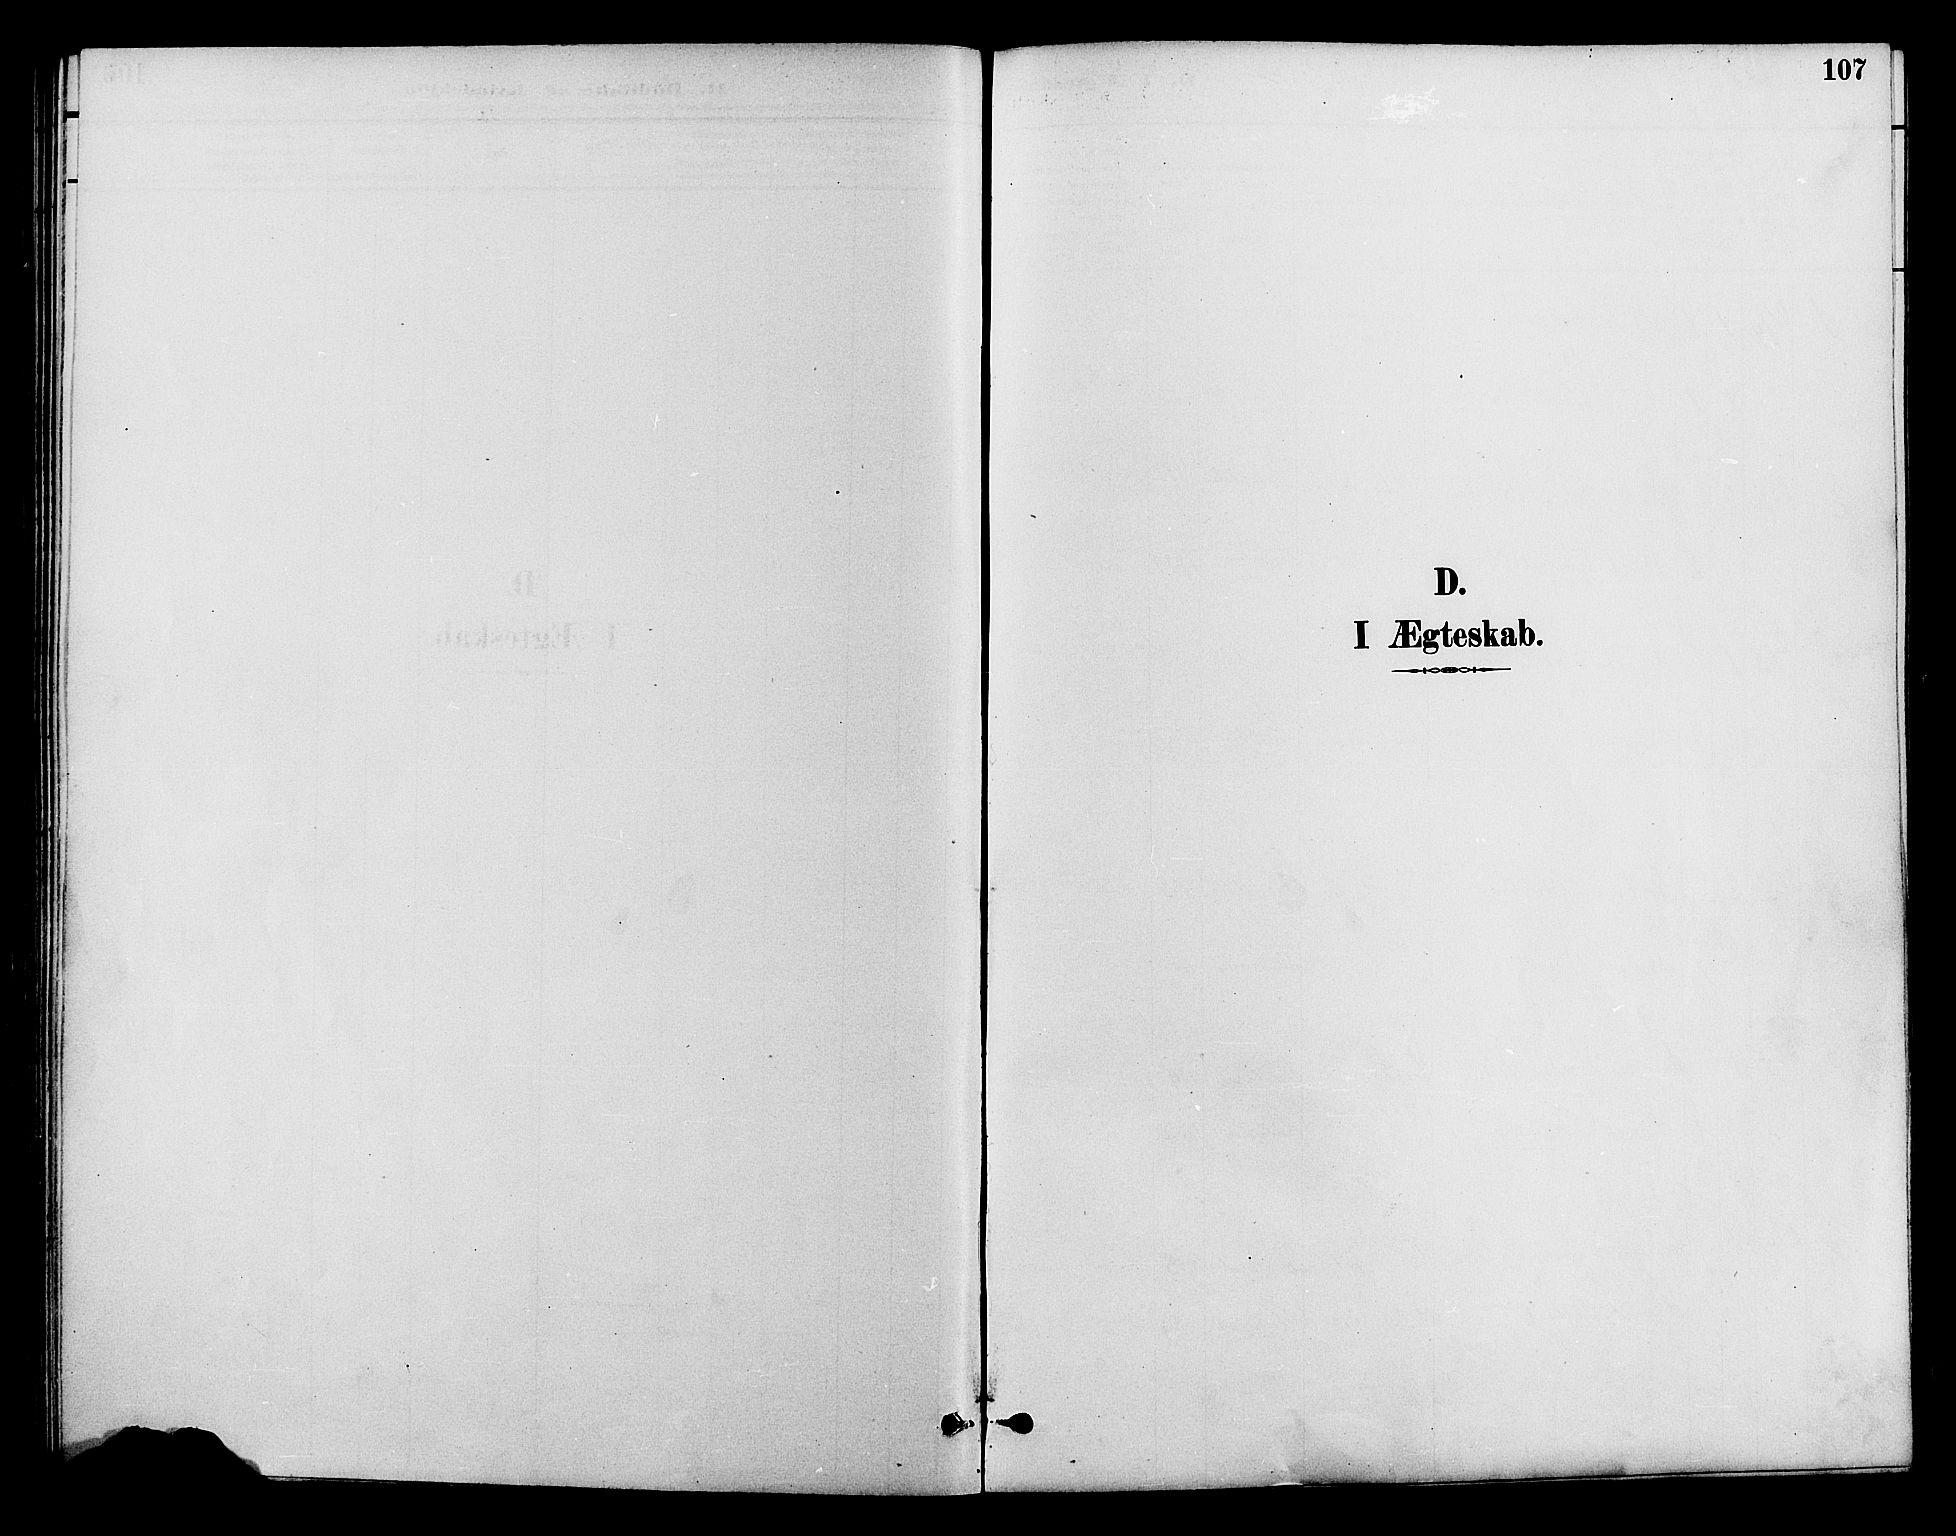 SAH, Lom prestekontor, K/L0008: Ministerialbok nr. 8, 1885-1898, s. 107